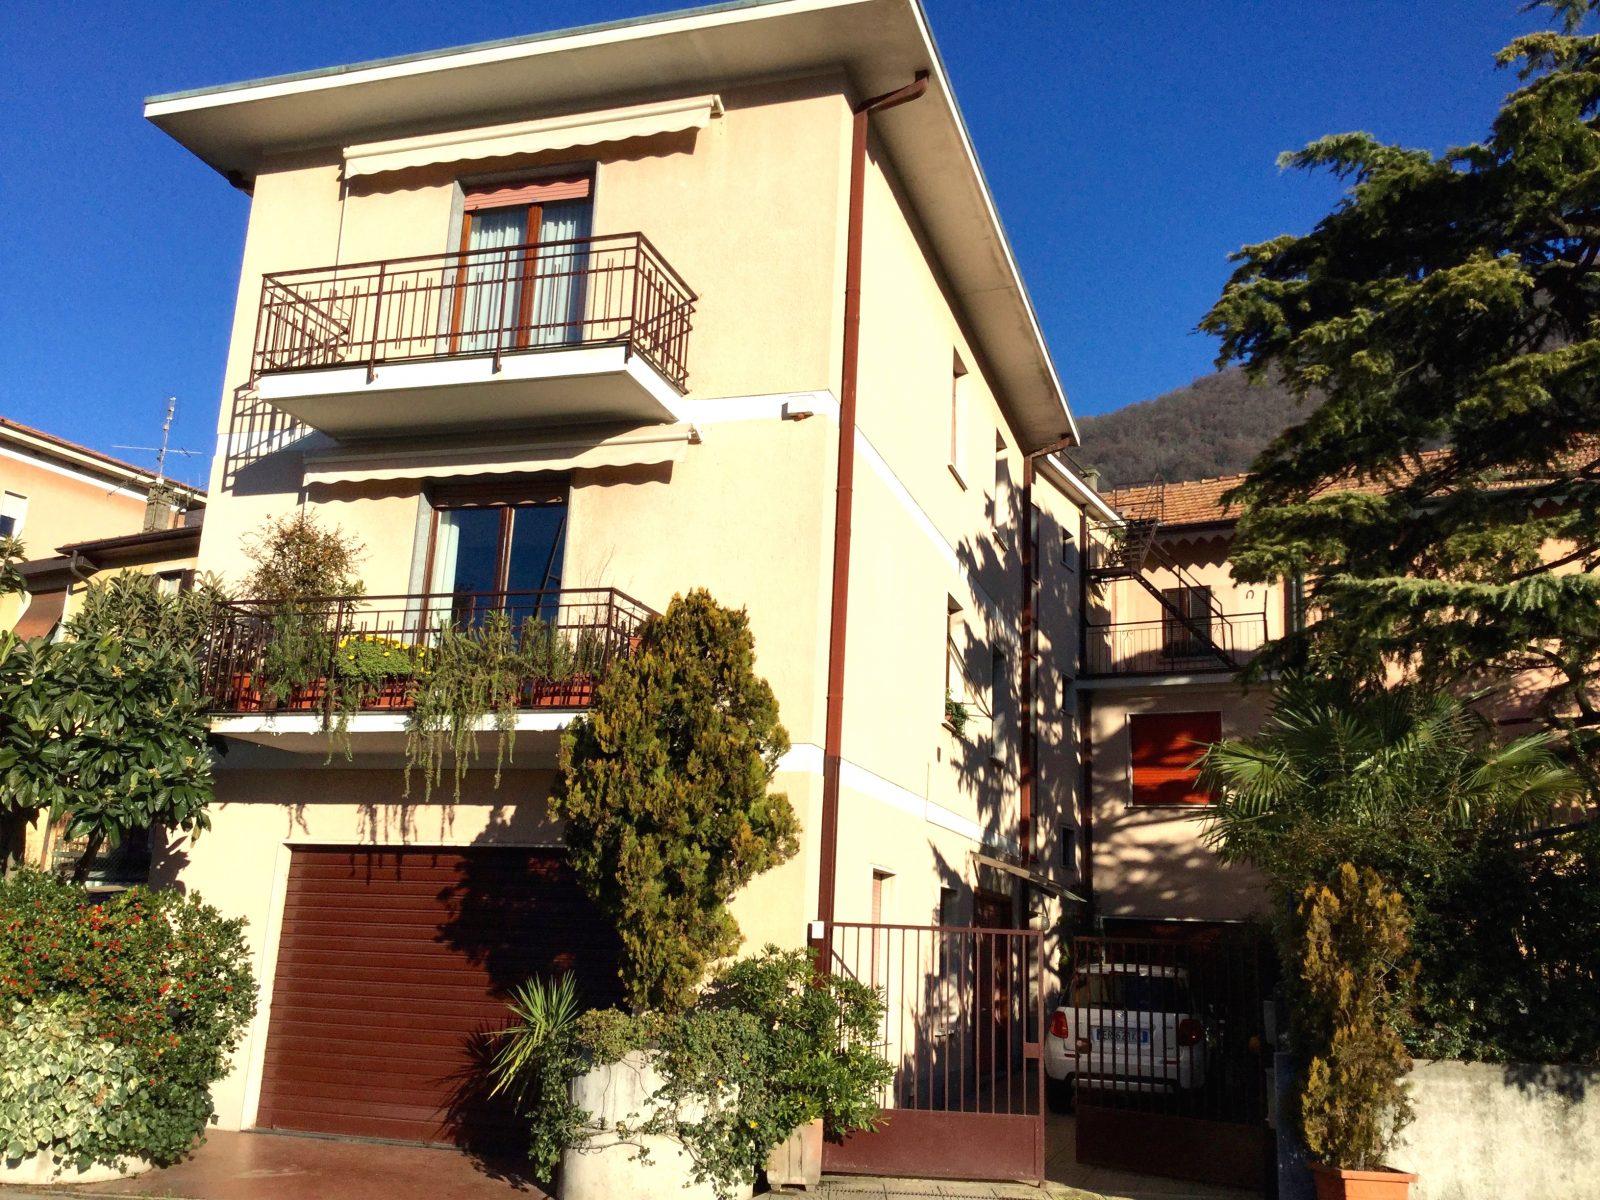 Casa plurifamiliare con giardino e box in vendita a maslianico for Negozio con planimetrie abitative